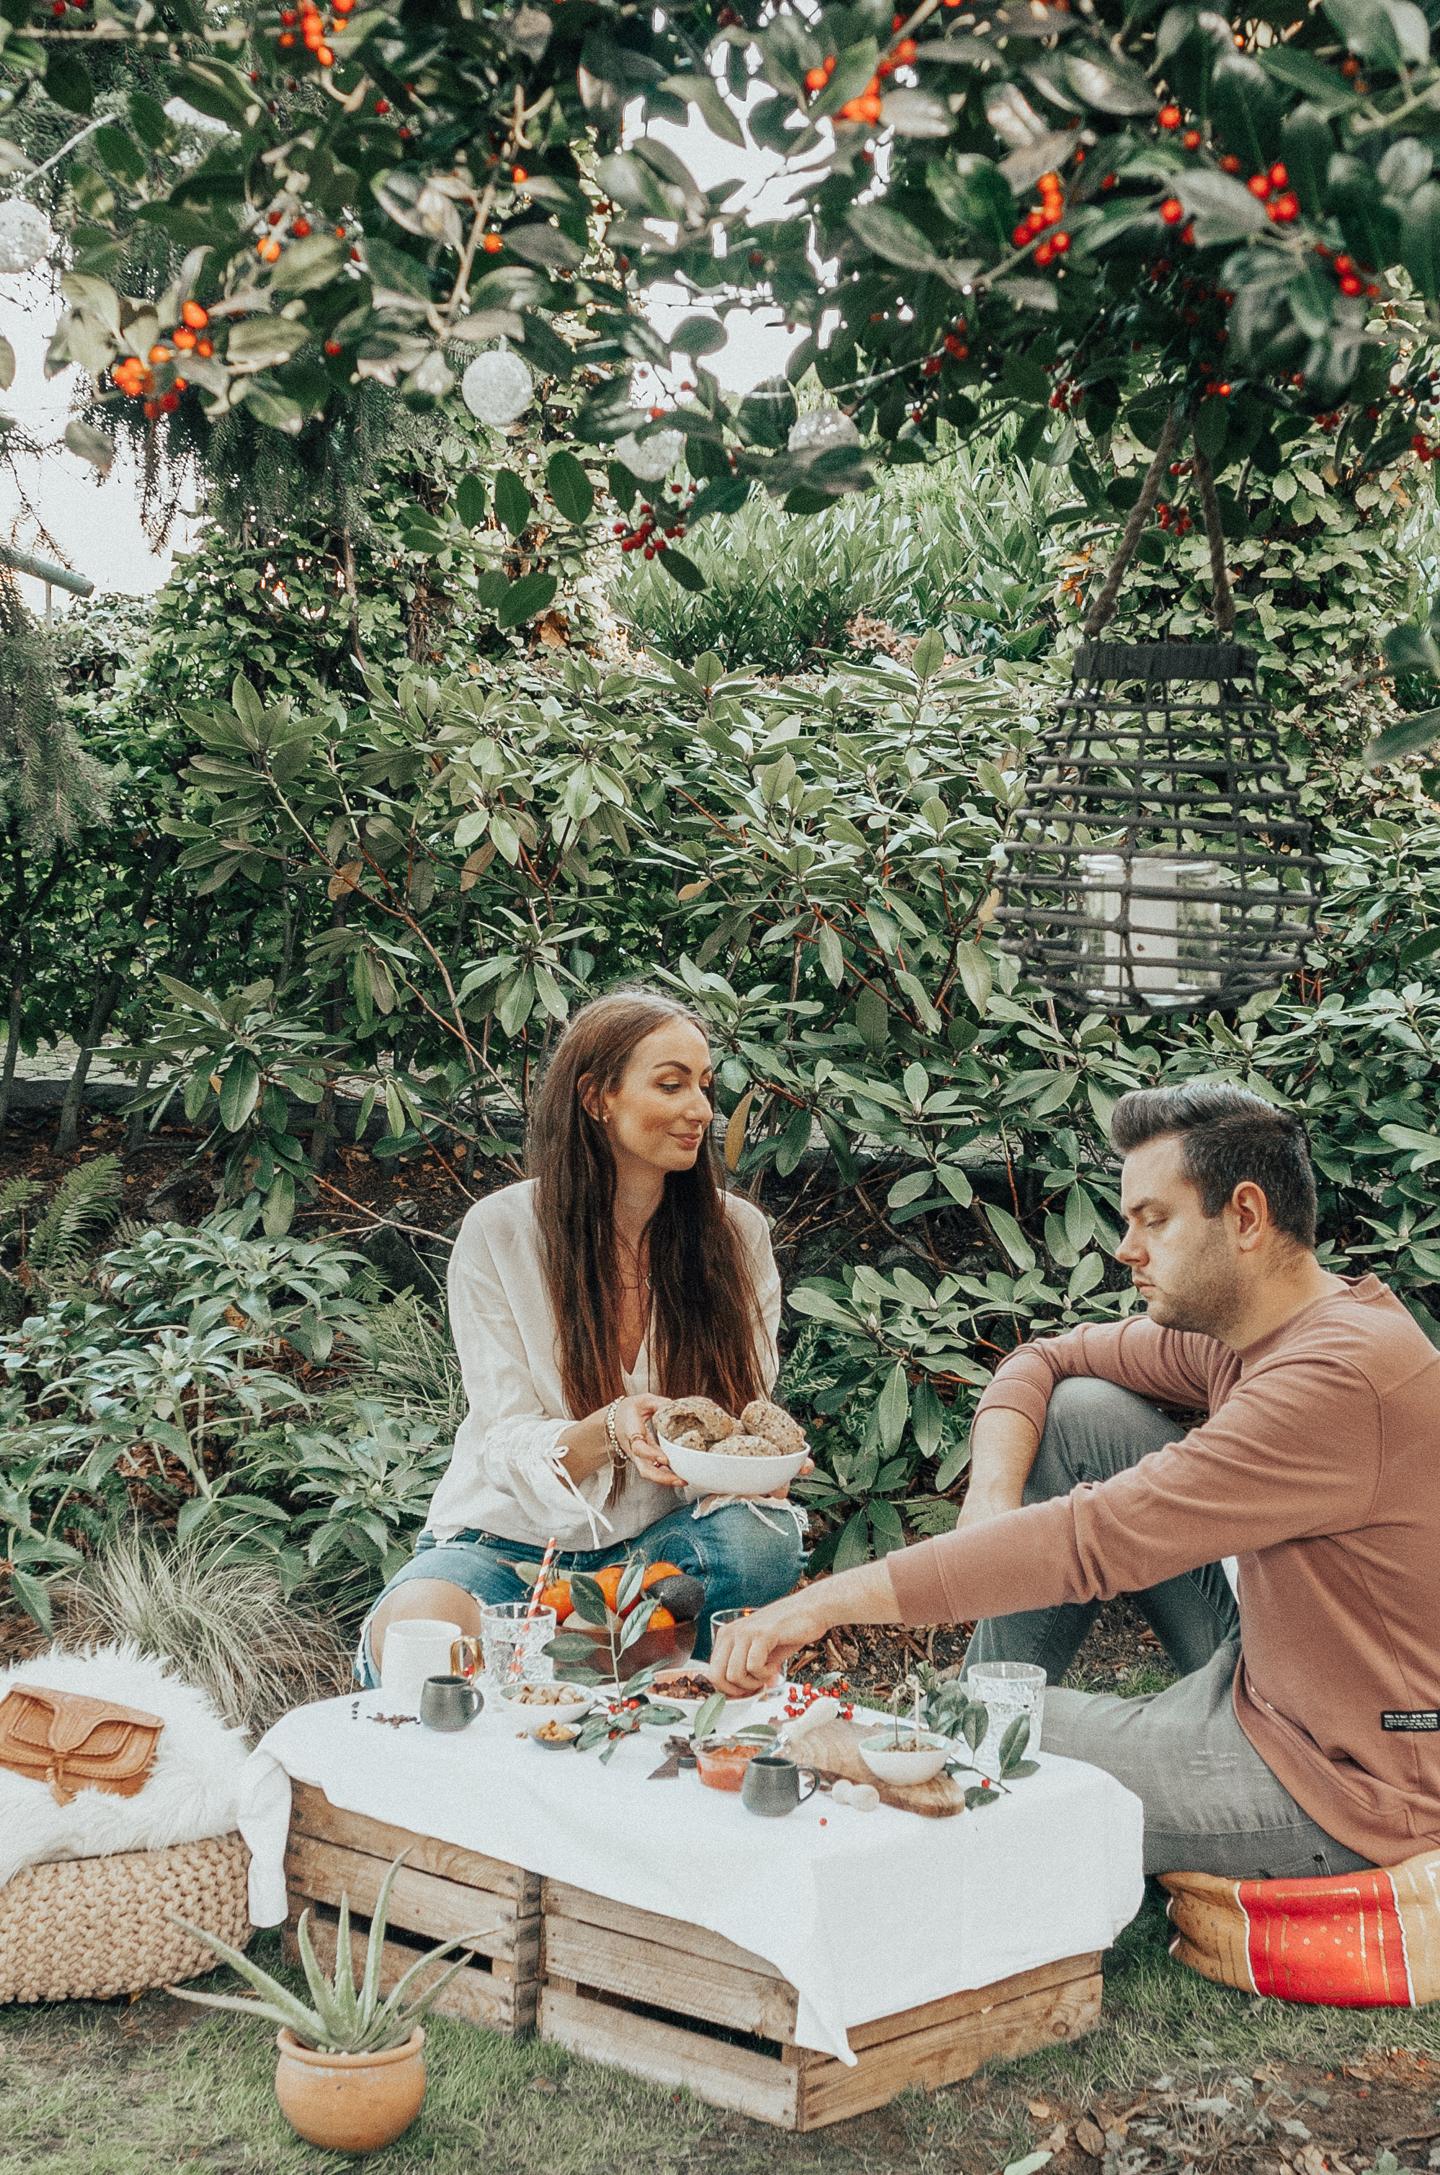 Najaars picknick Ah najaarstrends boho bohemian